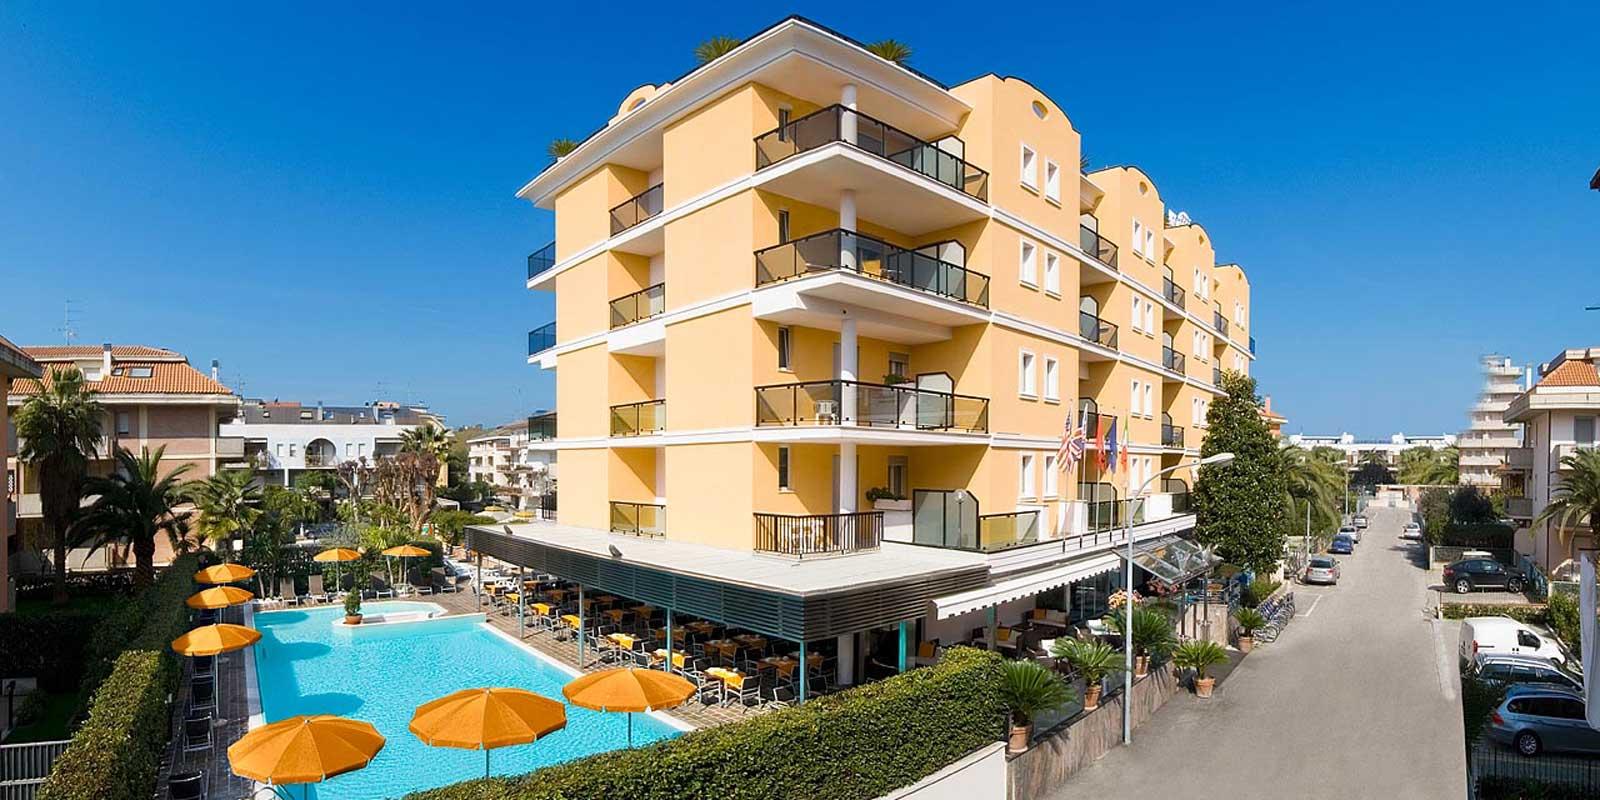 Hotel Imperial i Porto d'Ascoli